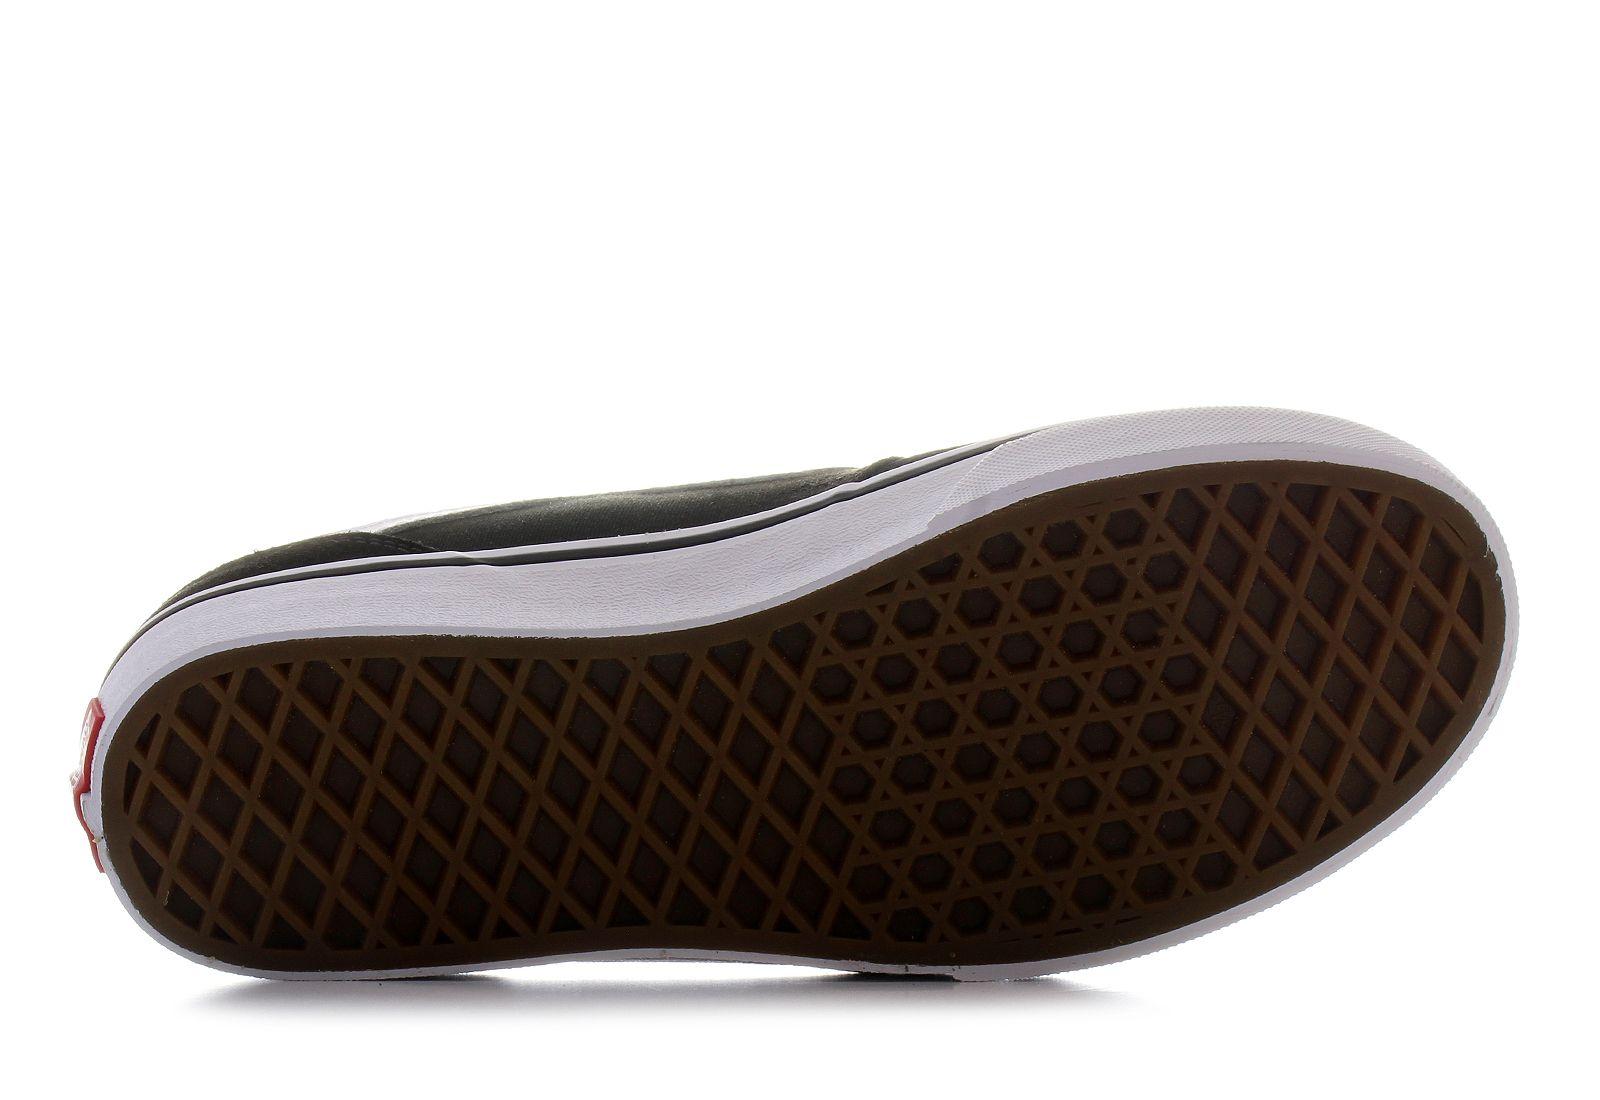 Vans Sneakers - Chapman Stripe - VA349SIJU - Online shop for ... 36990c1688